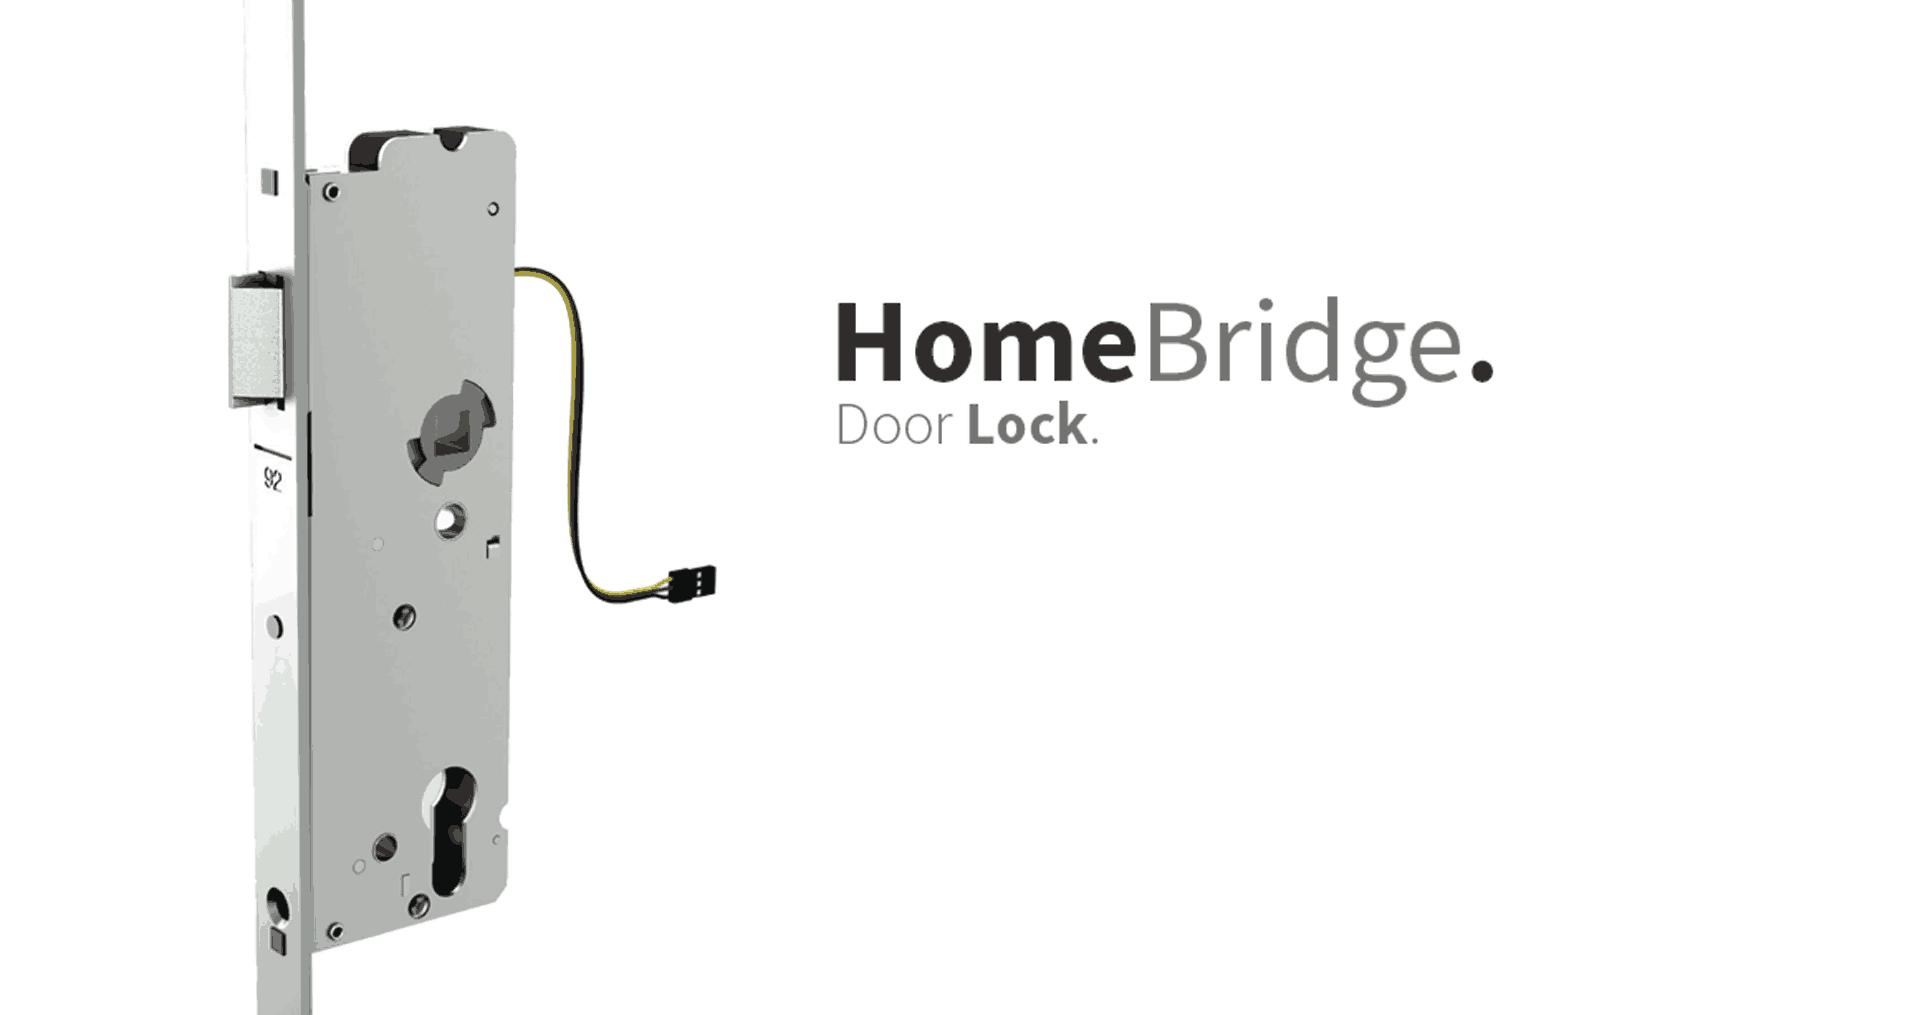 HomeBridge – Door Lock